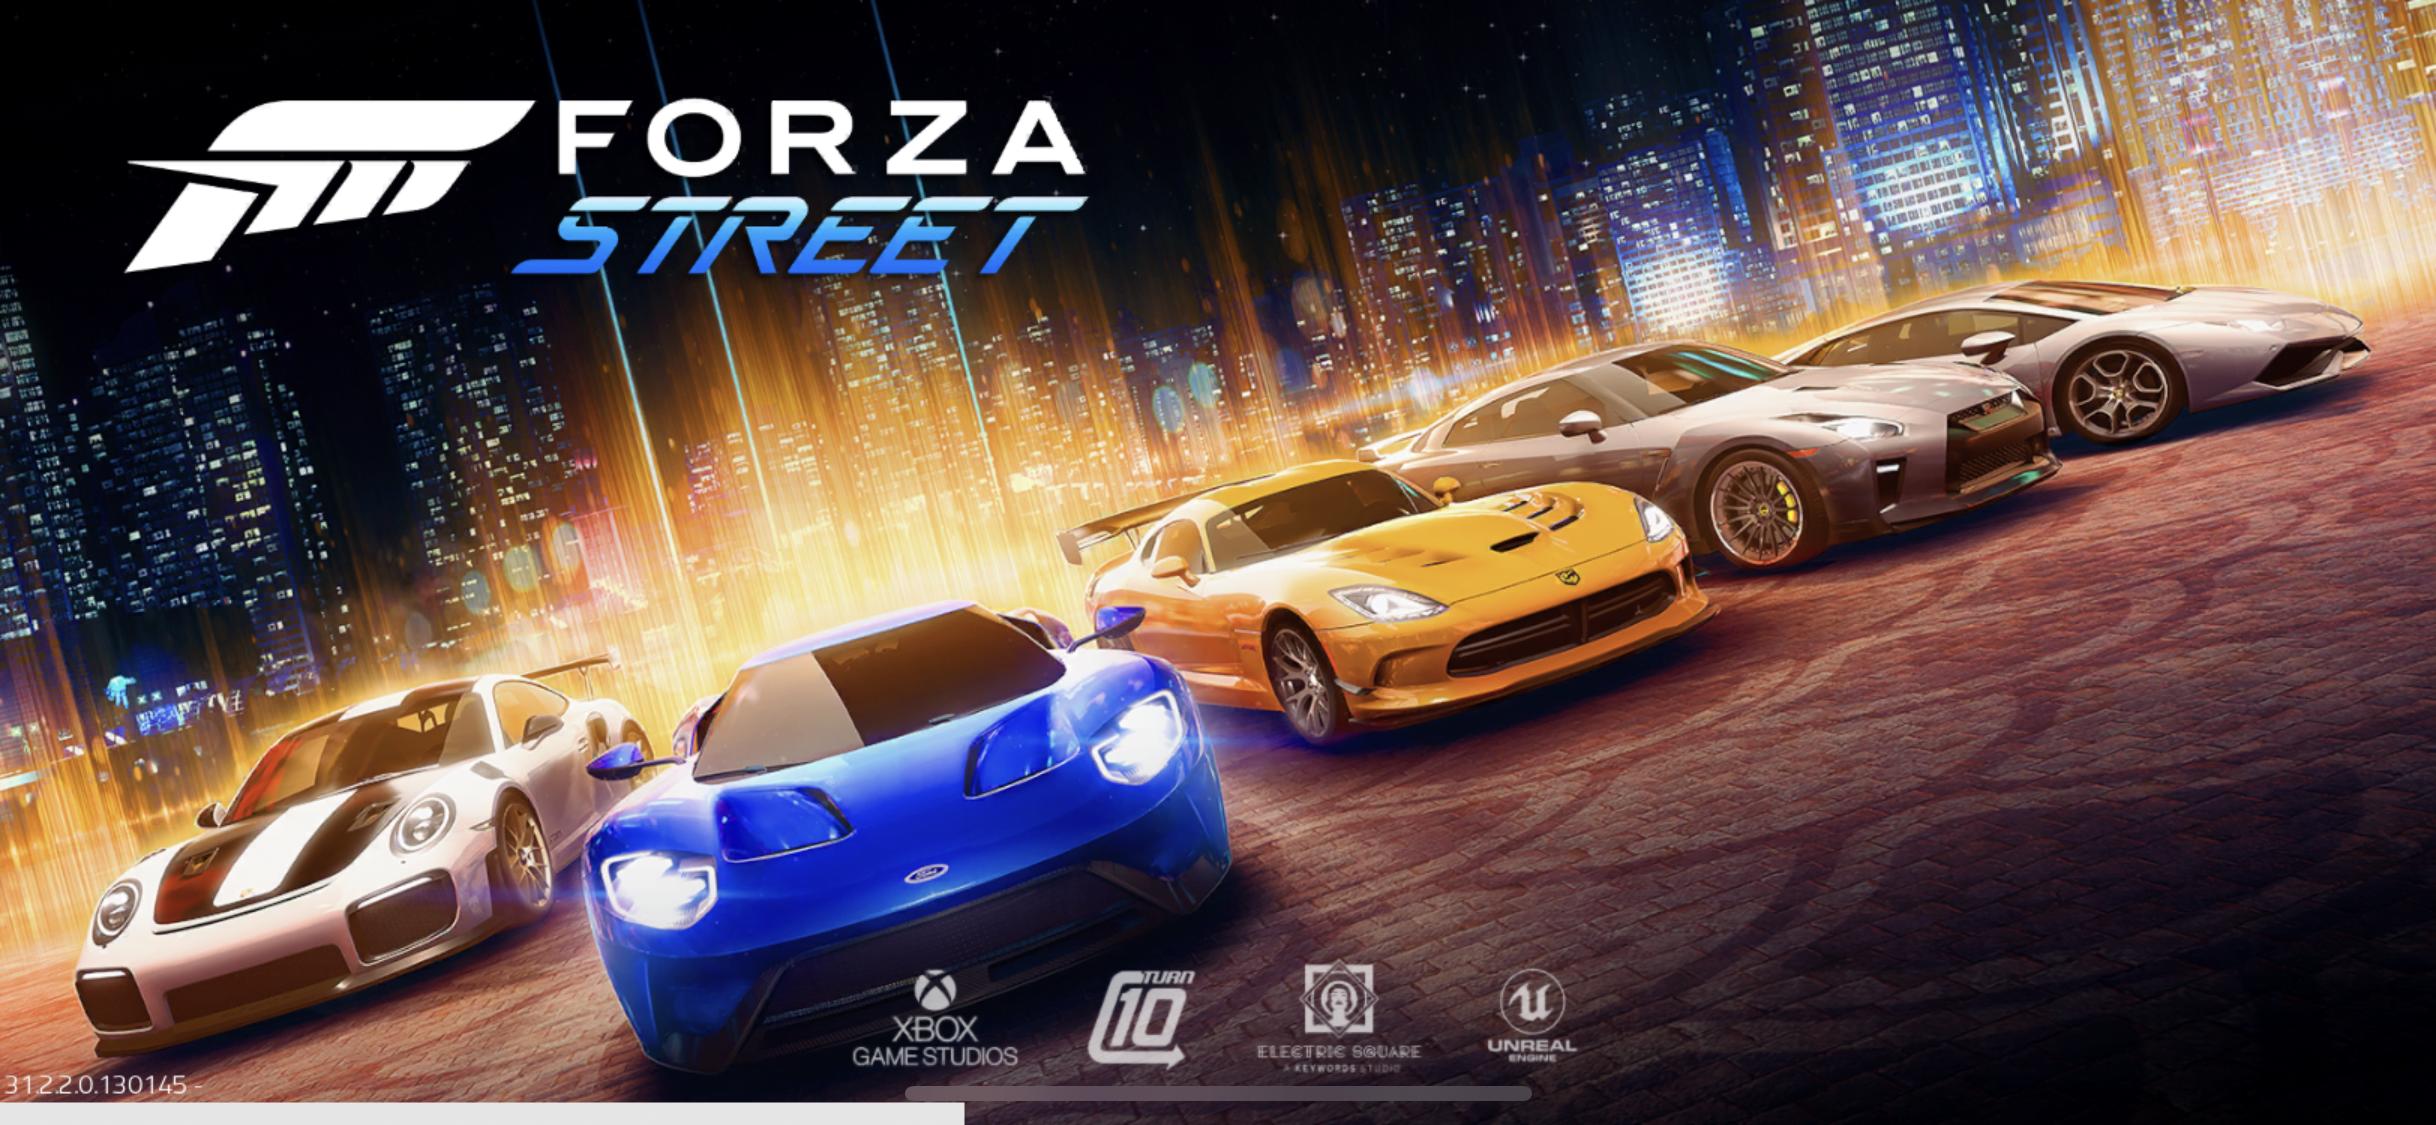 【Forza Street】最強車種はどれ?ガチャ確率も紹介!(フォルツァストリート)